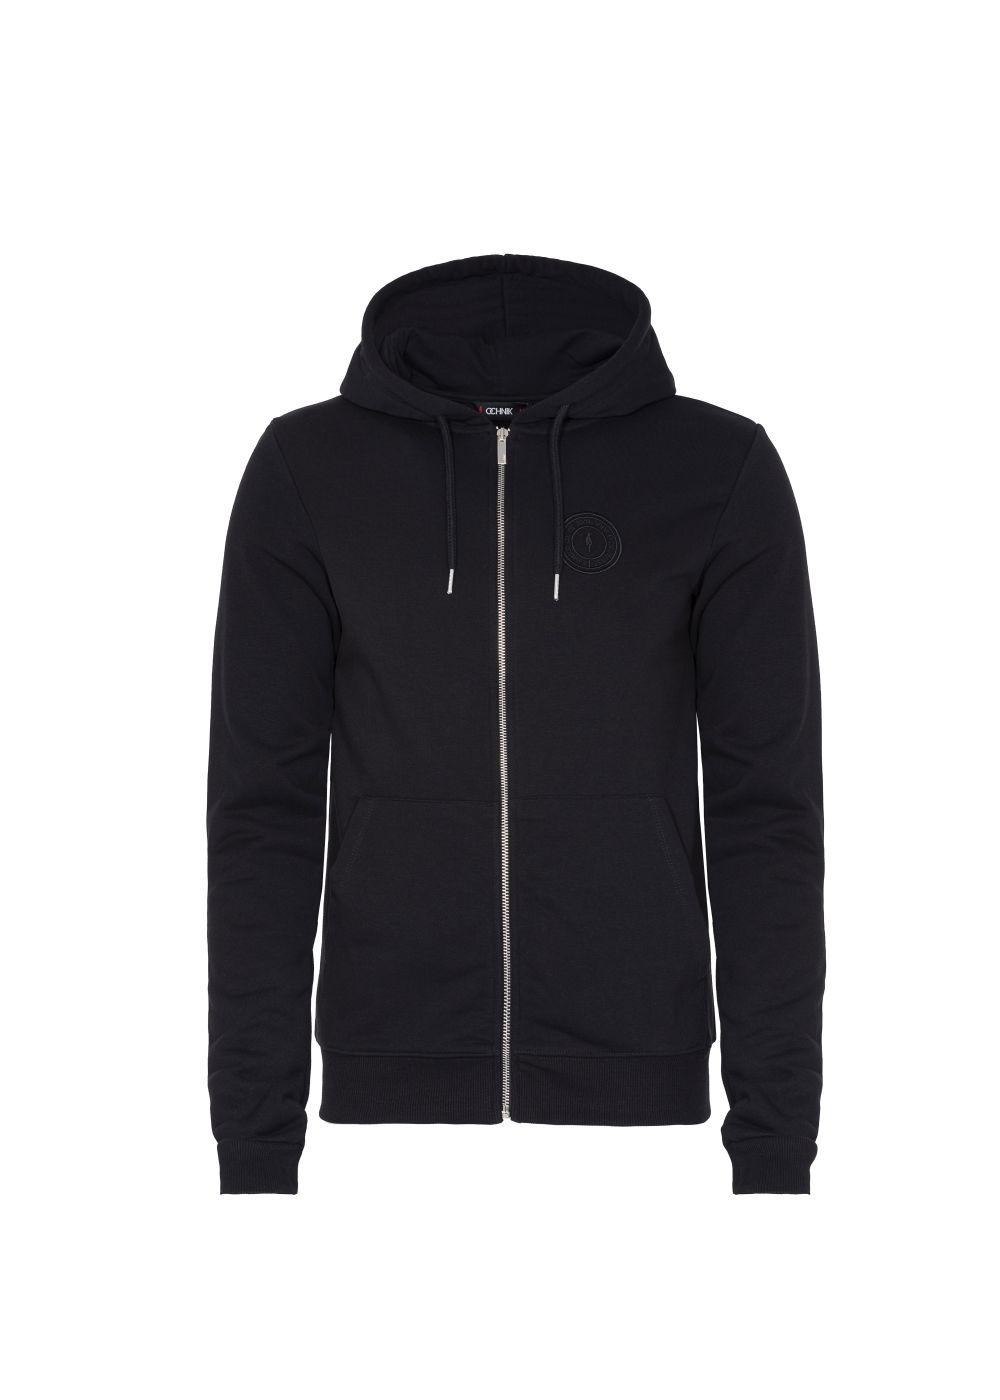 Bluza męska BLZMT-0021-99(W21)